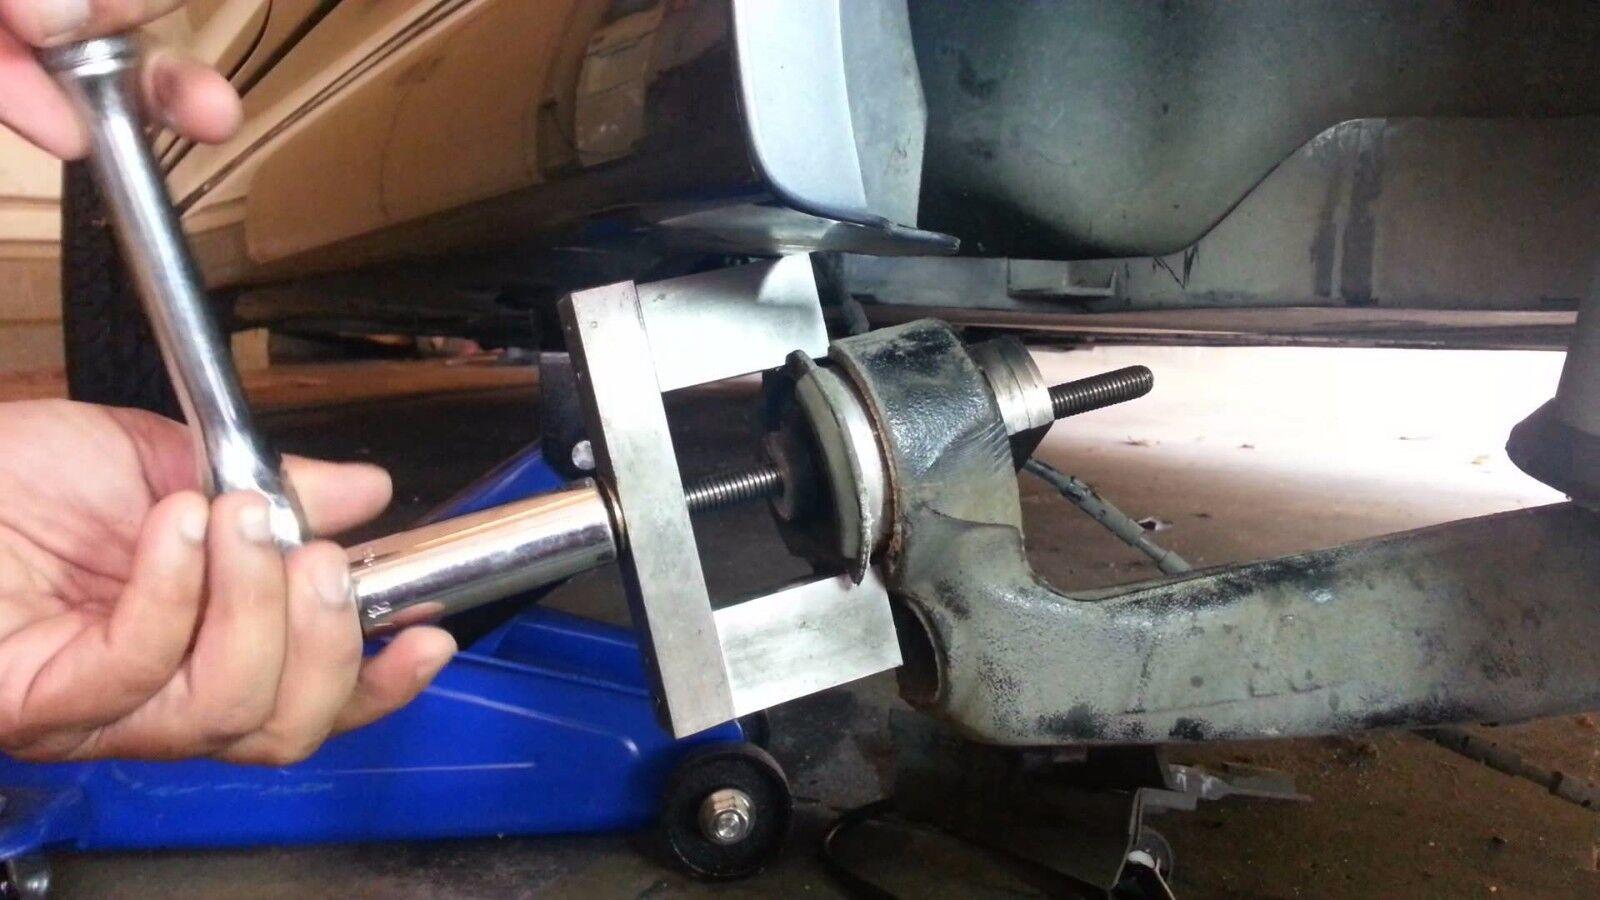 Mis Bmw Rtab Tool Usa E46 E36 Z4 Rear Trailing Arm Bushing